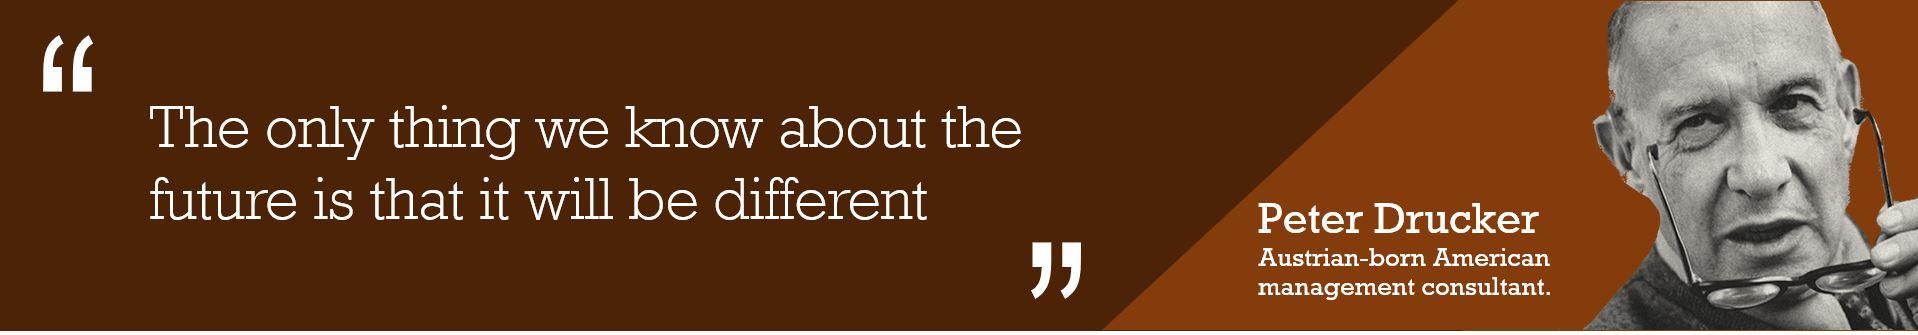 Peter Drucker quote.JPG